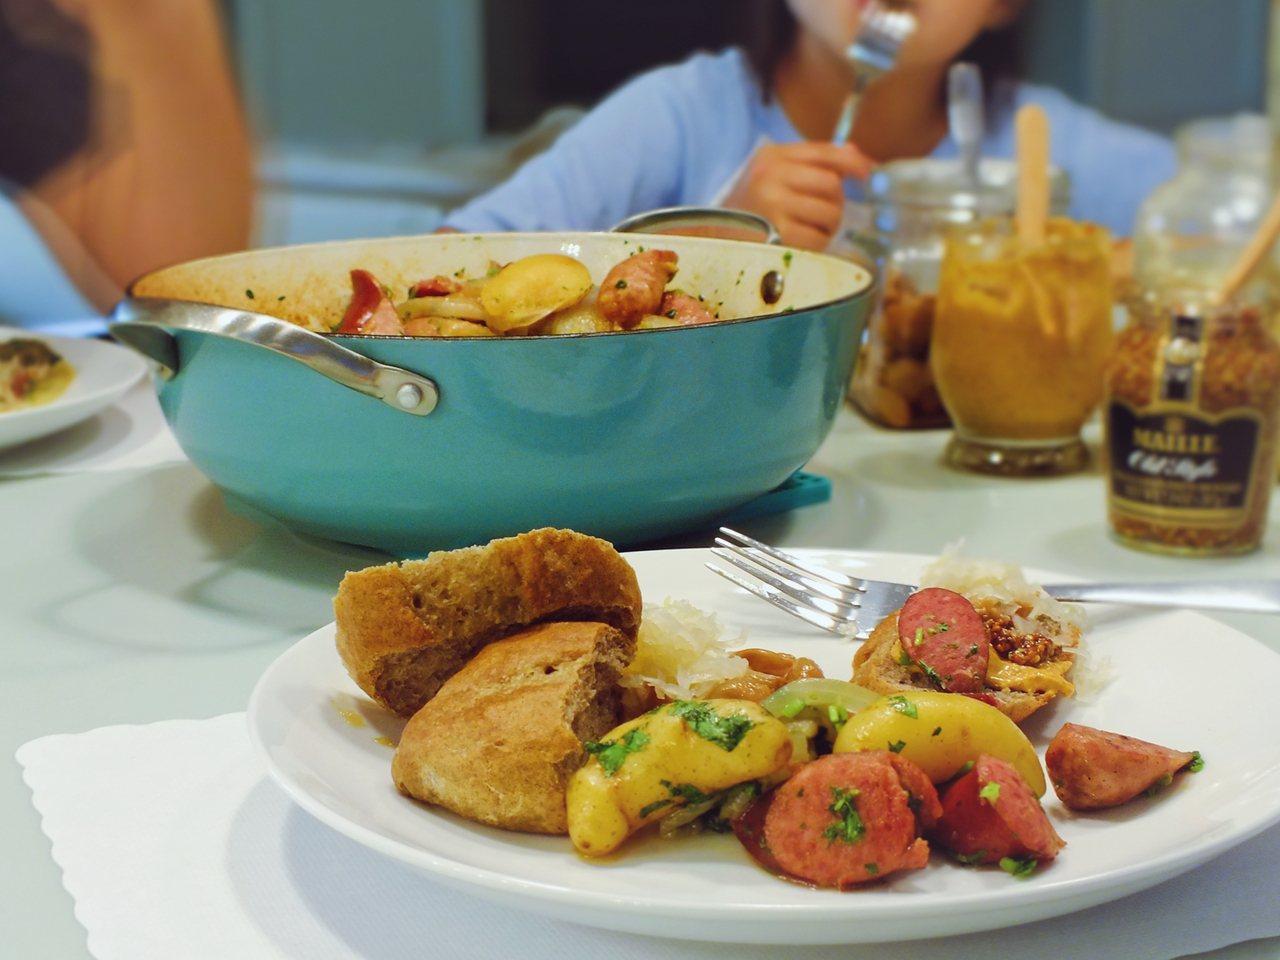 餐點輕鬆上桌,大人小孩都吃得飽足開心。 圖/日月文化.山岳文化提供